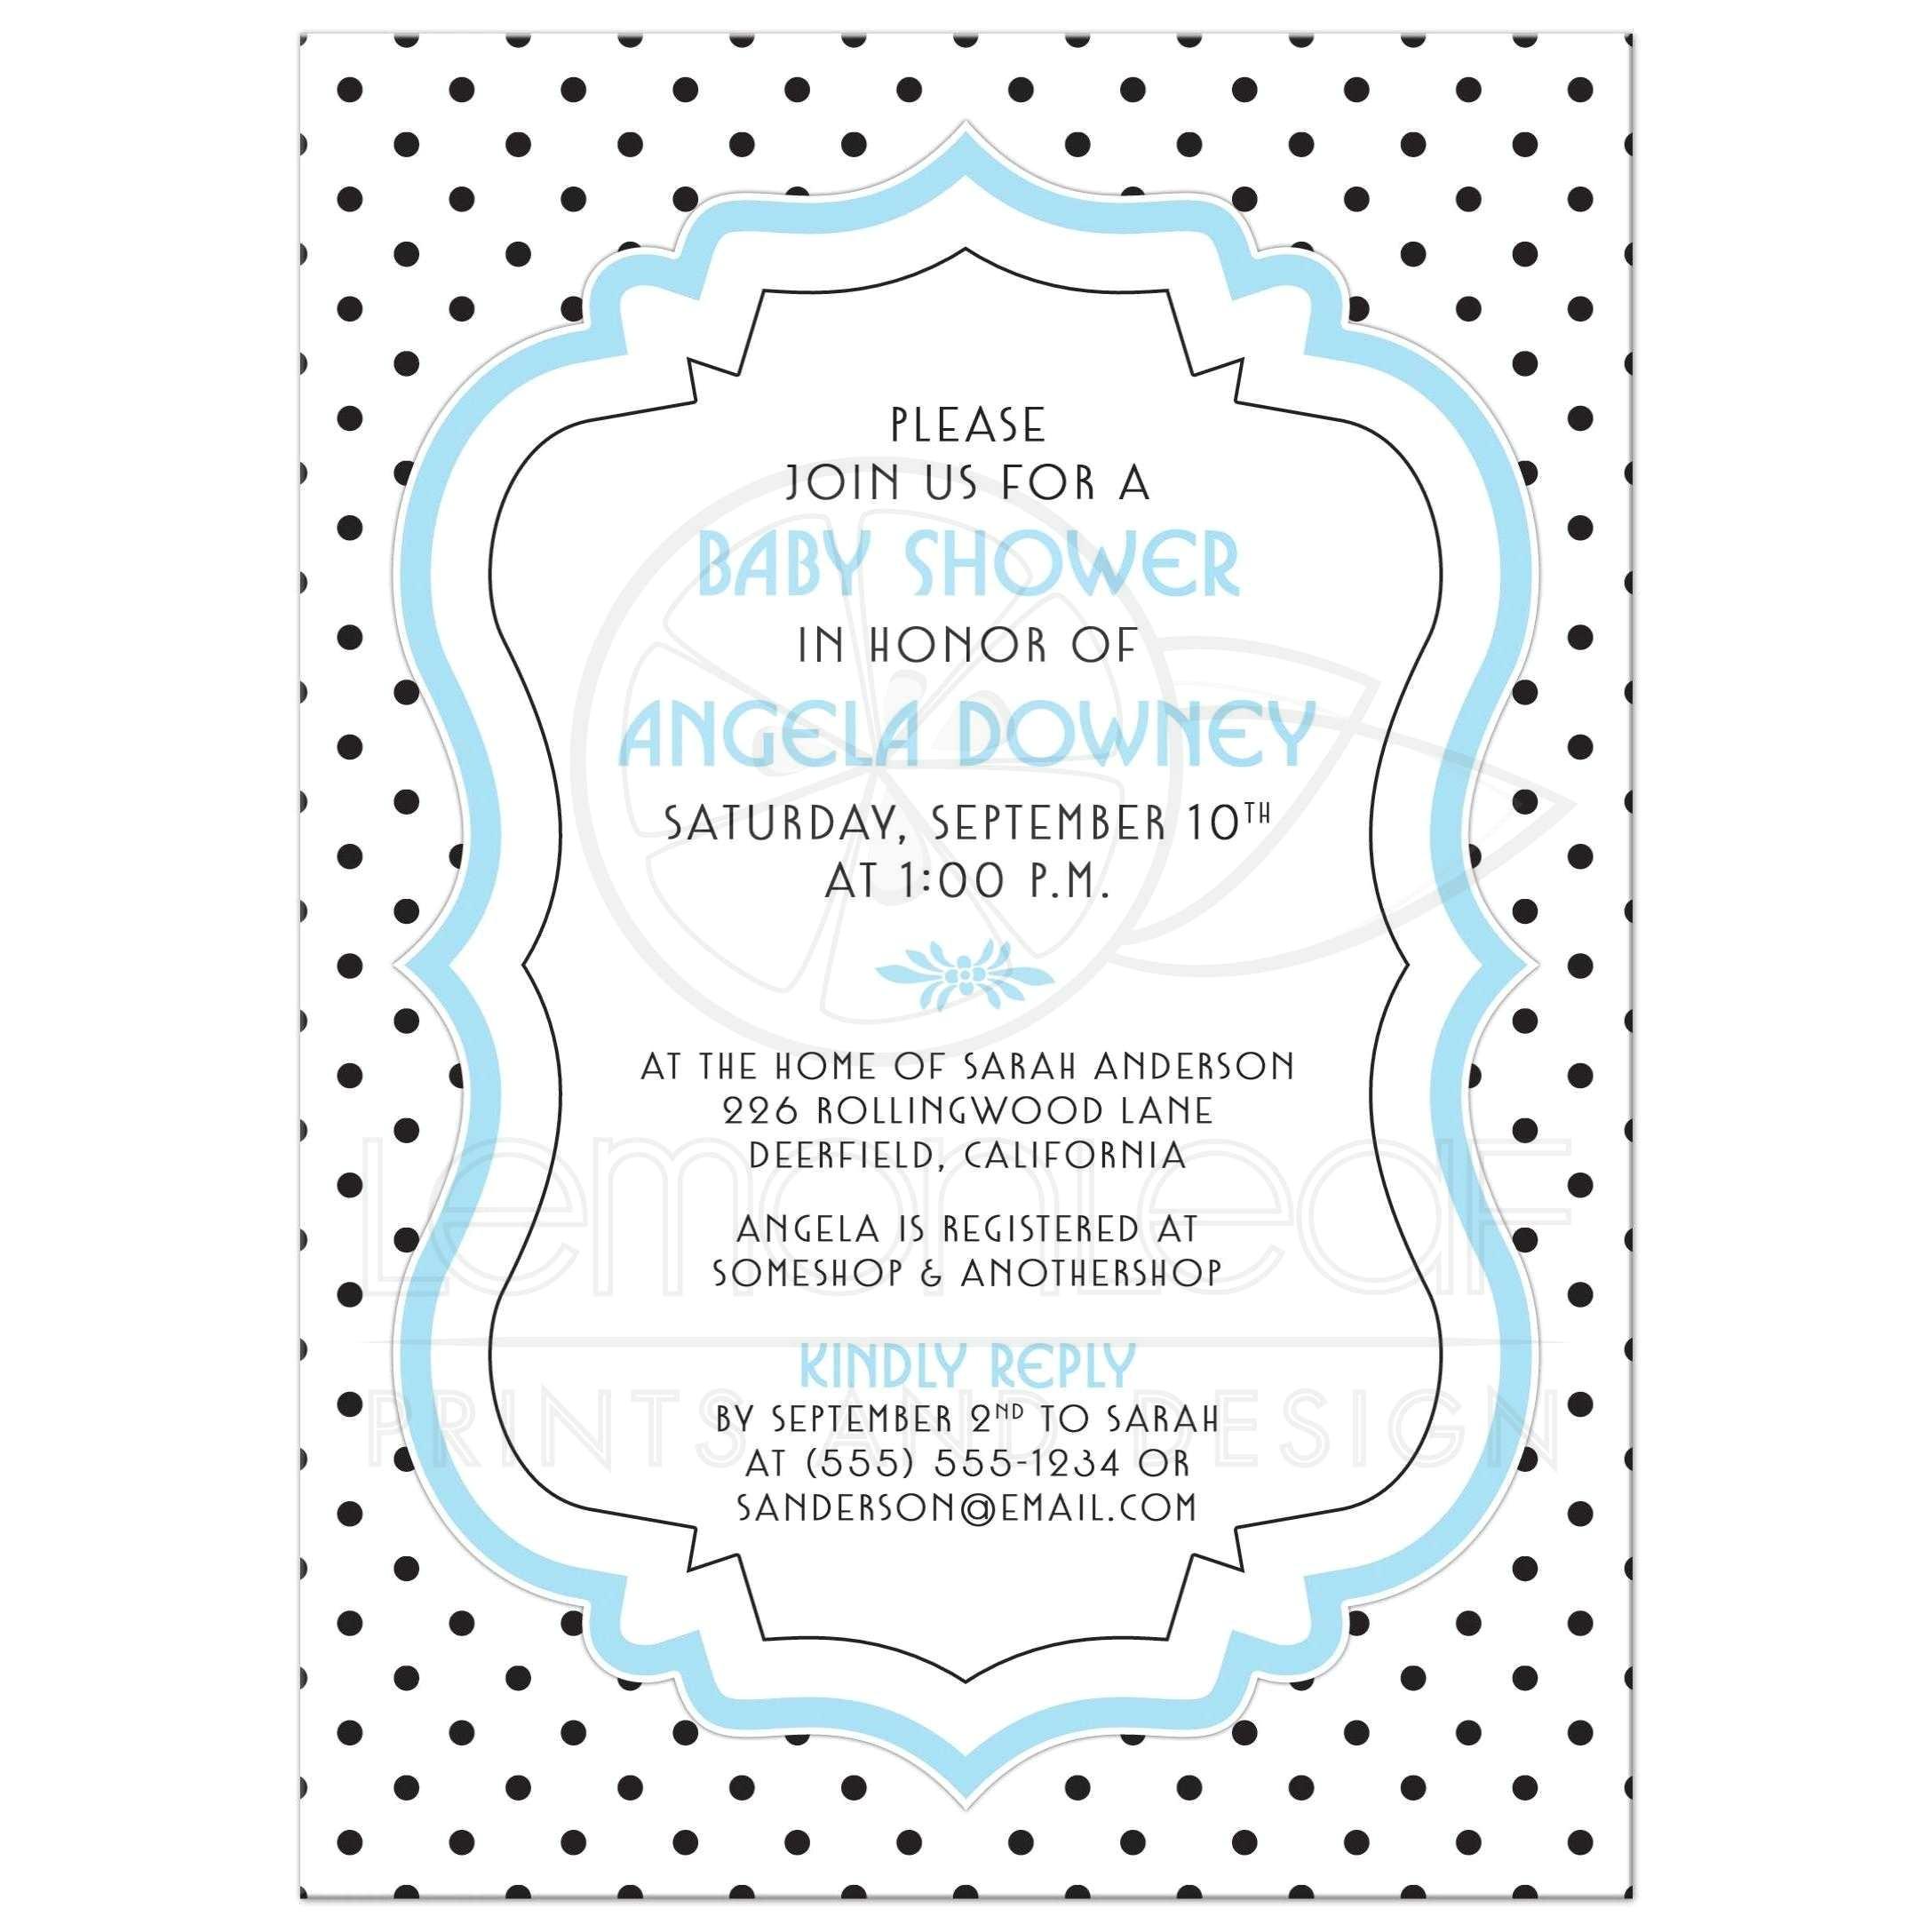 baby shower invite chic retro black white polka dots blue